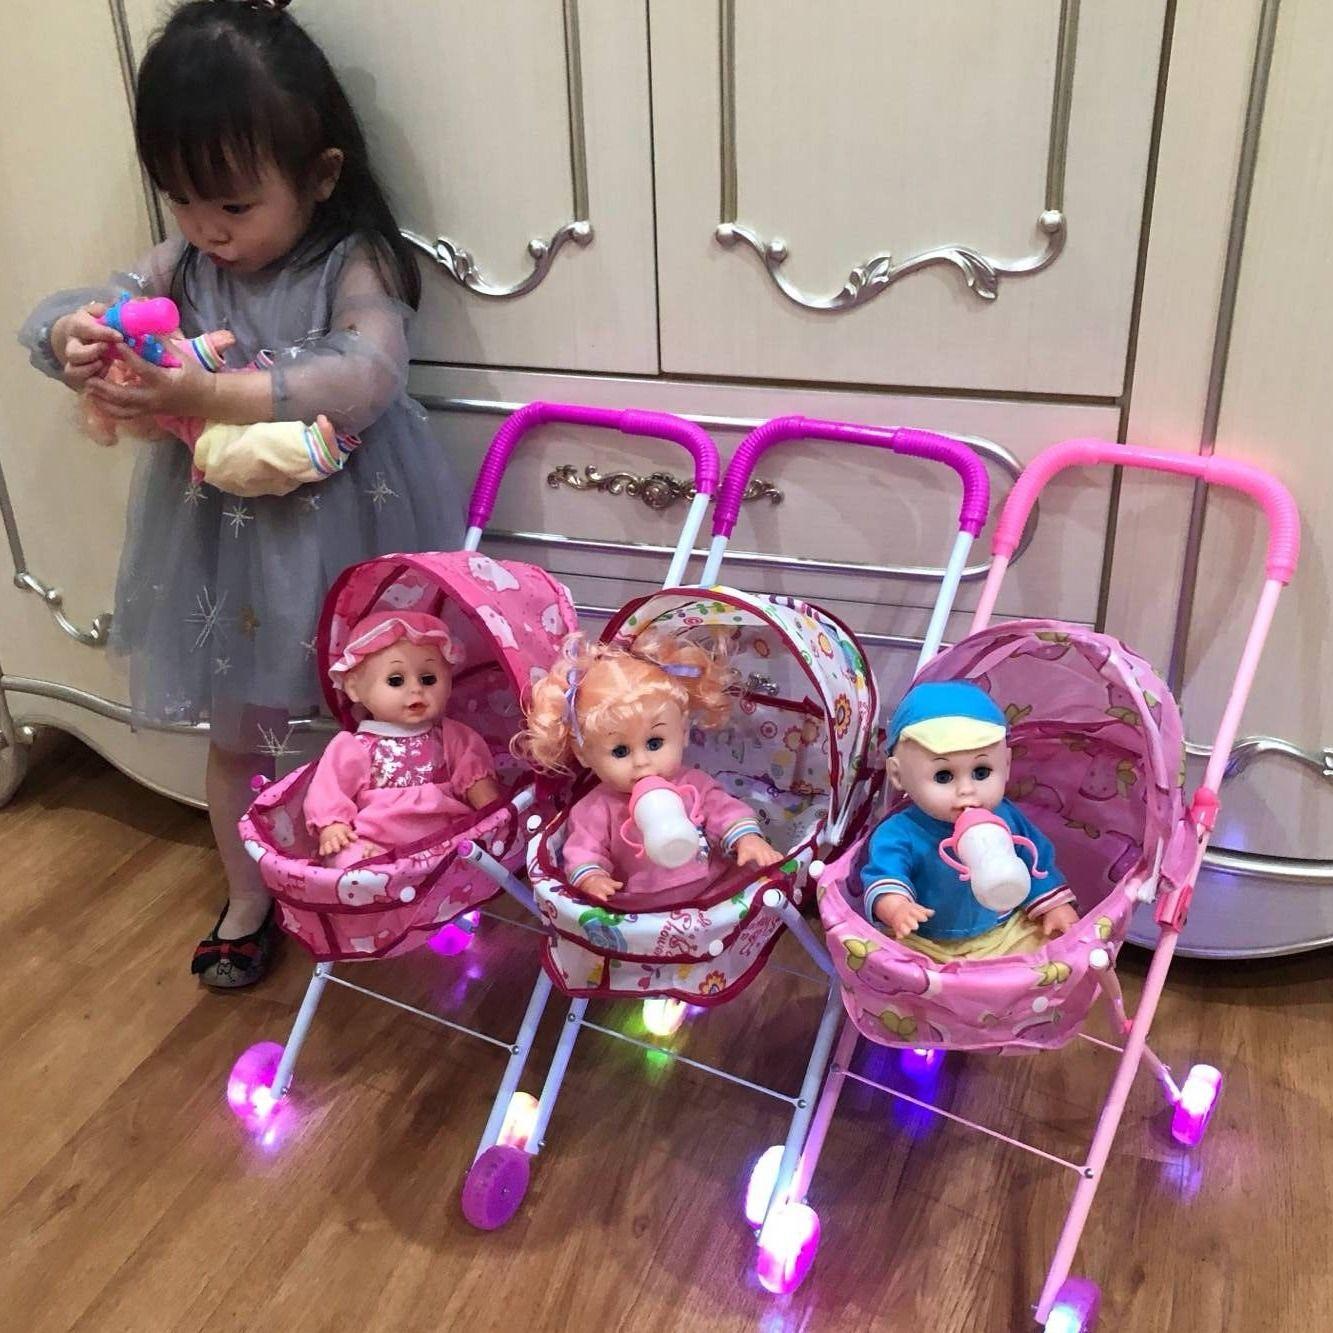 儿童玩具推车带娃娃发光声女童女孩过家家玩具手推车宝宝生日礼物